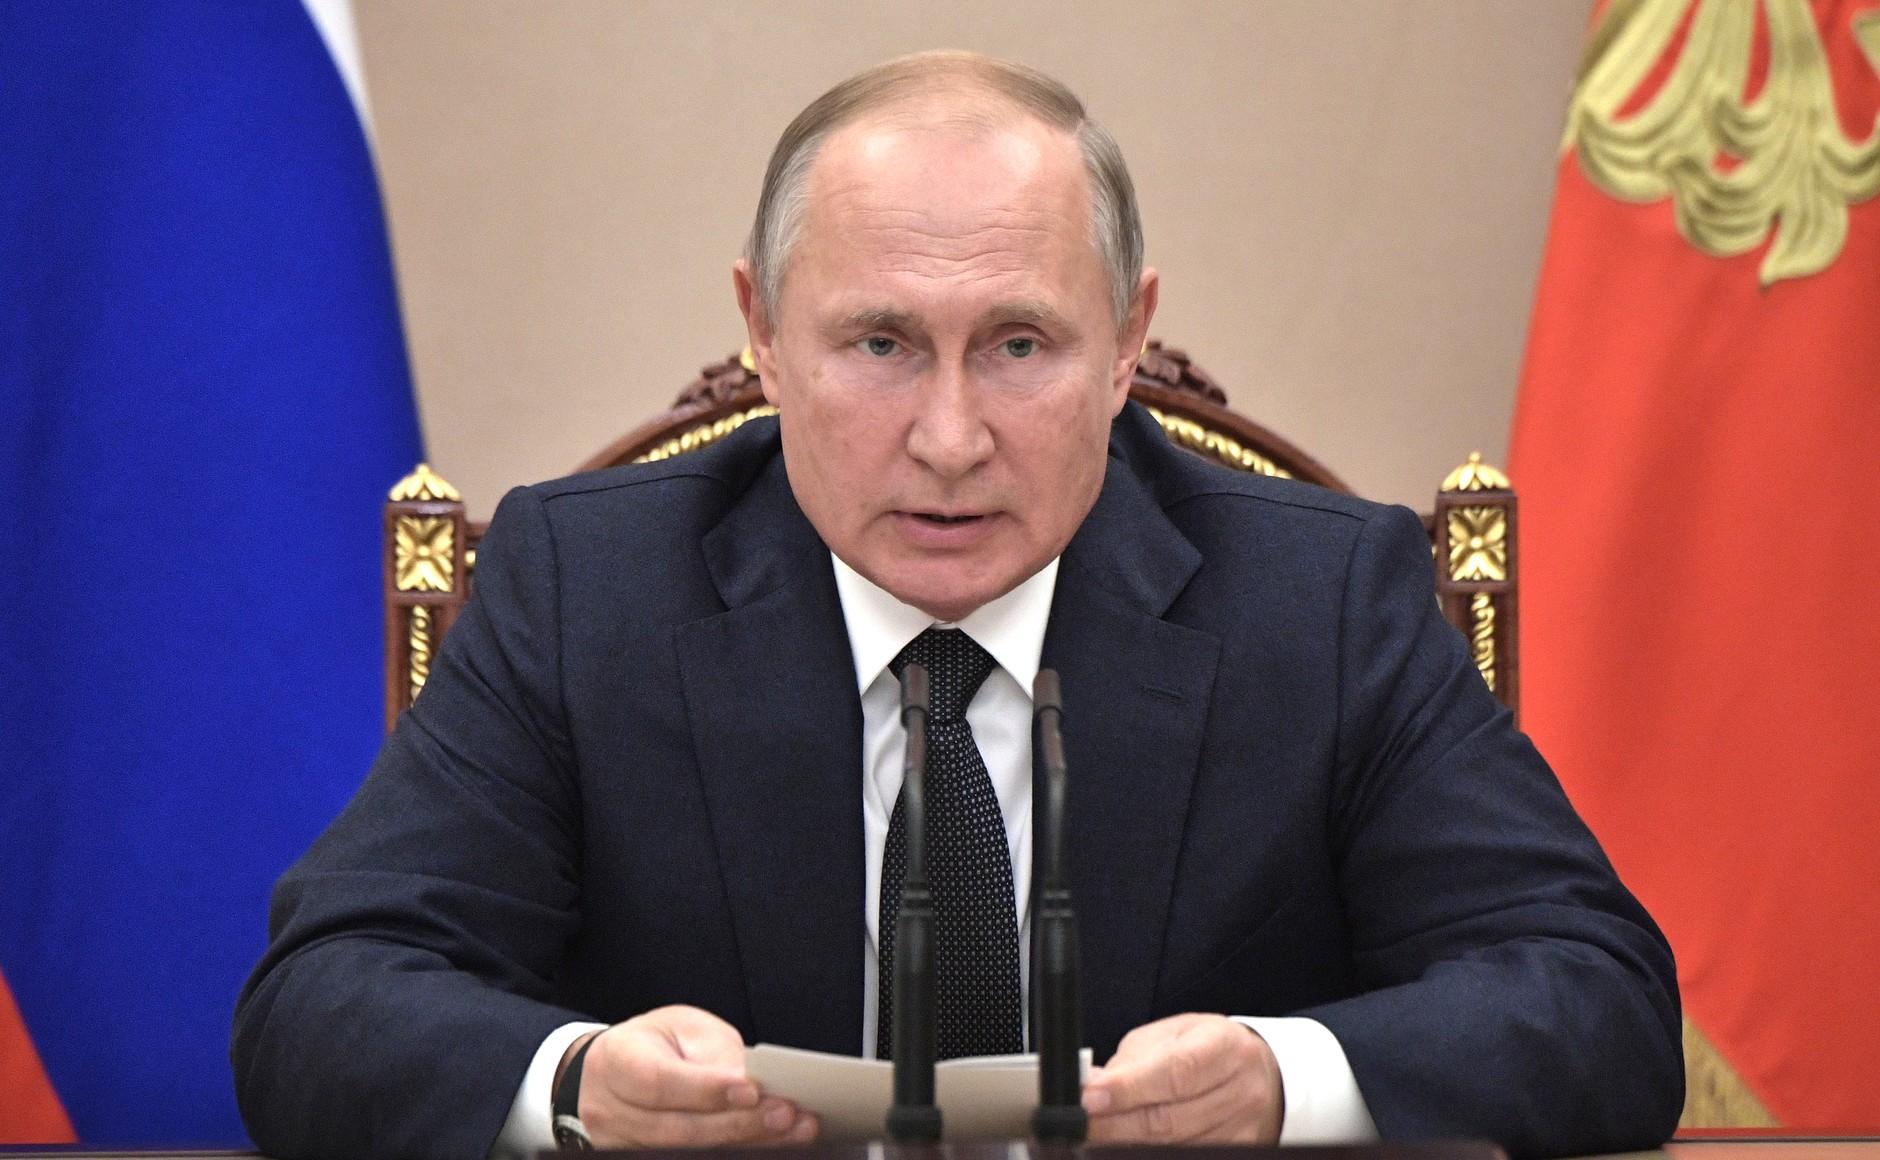 Сегодня Владимир Путин снова обратится к россиянам   КаспийИнфо